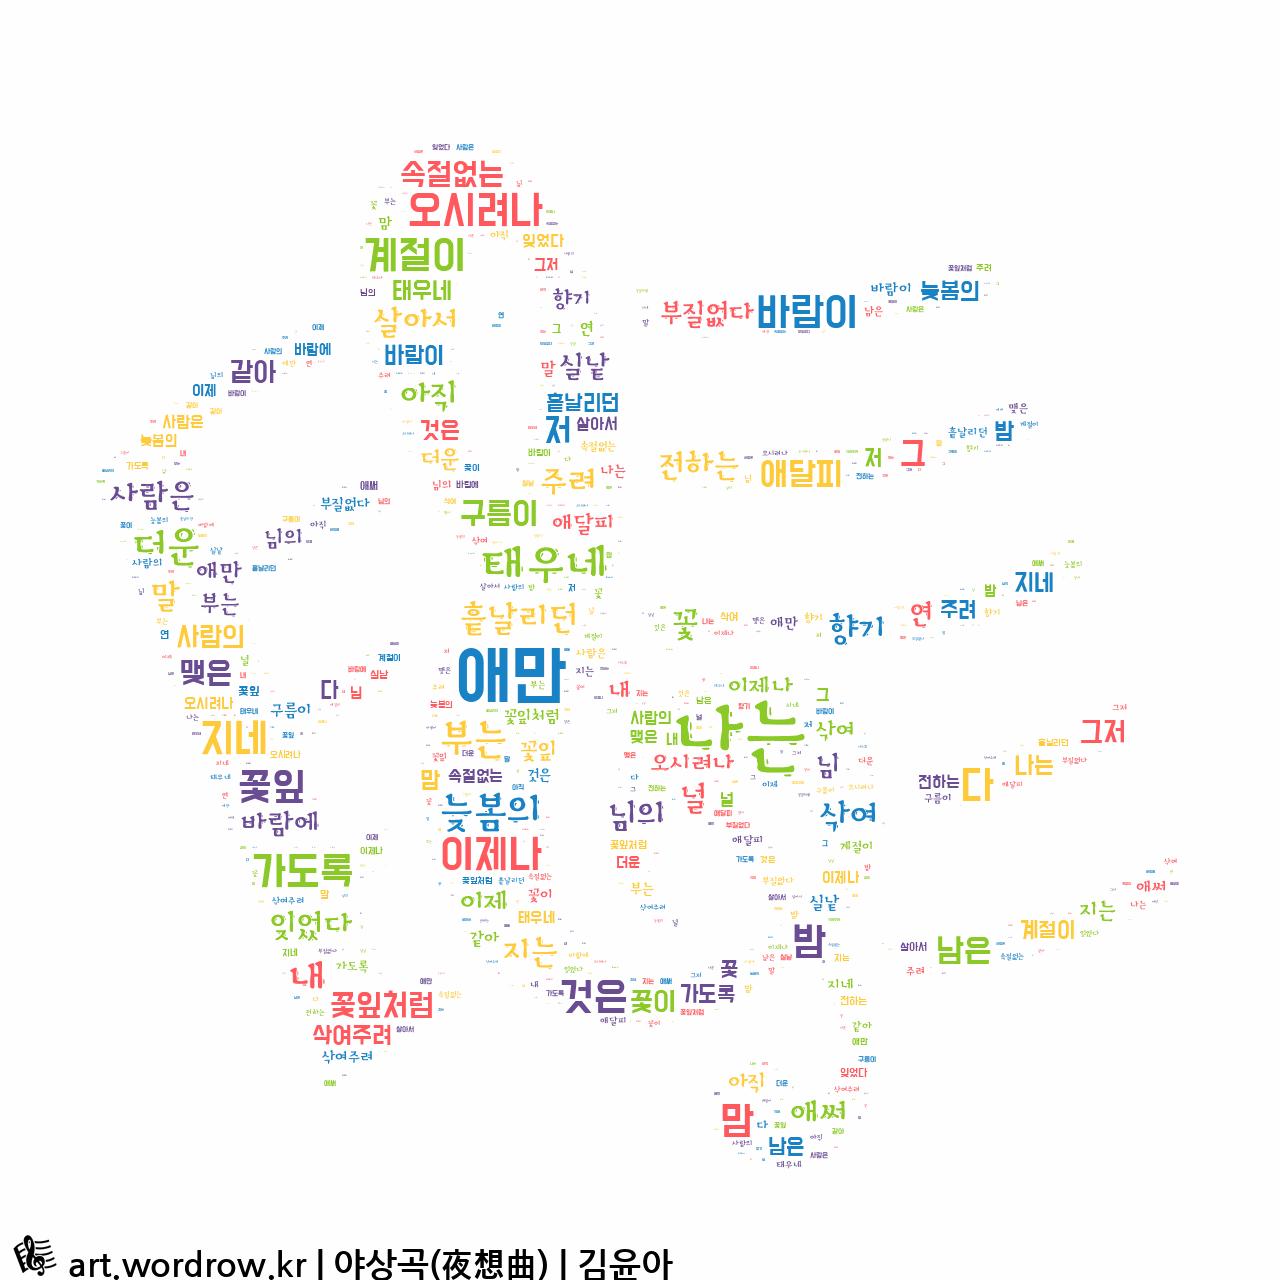 워드 클라우드: 야상곡(夜想曲) [김윤아]-50